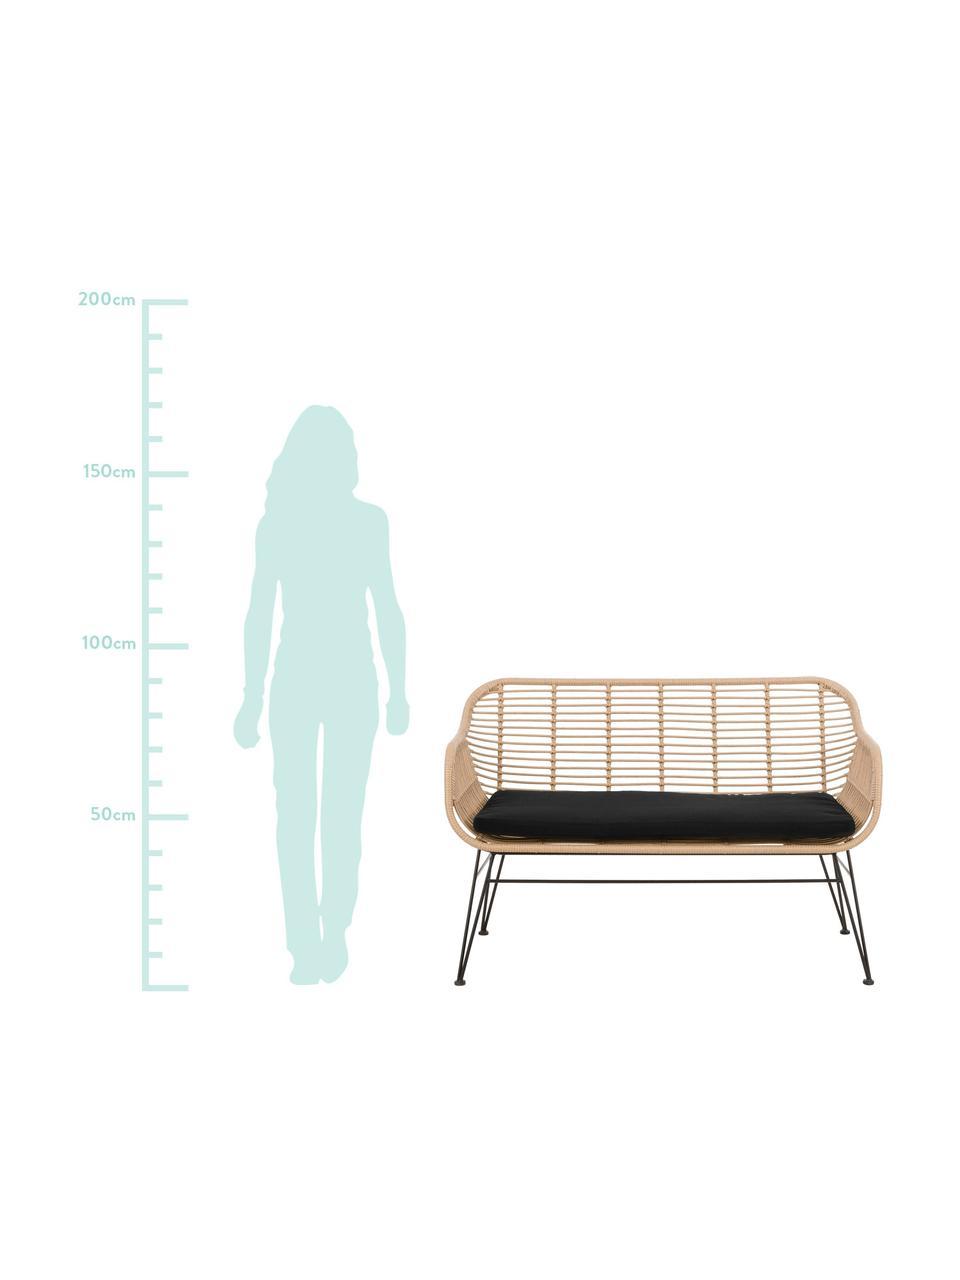 Tuinbank Costa met polyrotan, Zitvlak: polyethyleen-vlechtwerk, Frame: gepoedercoat metaal, Lichtbruin, B 126 x D 68 cm